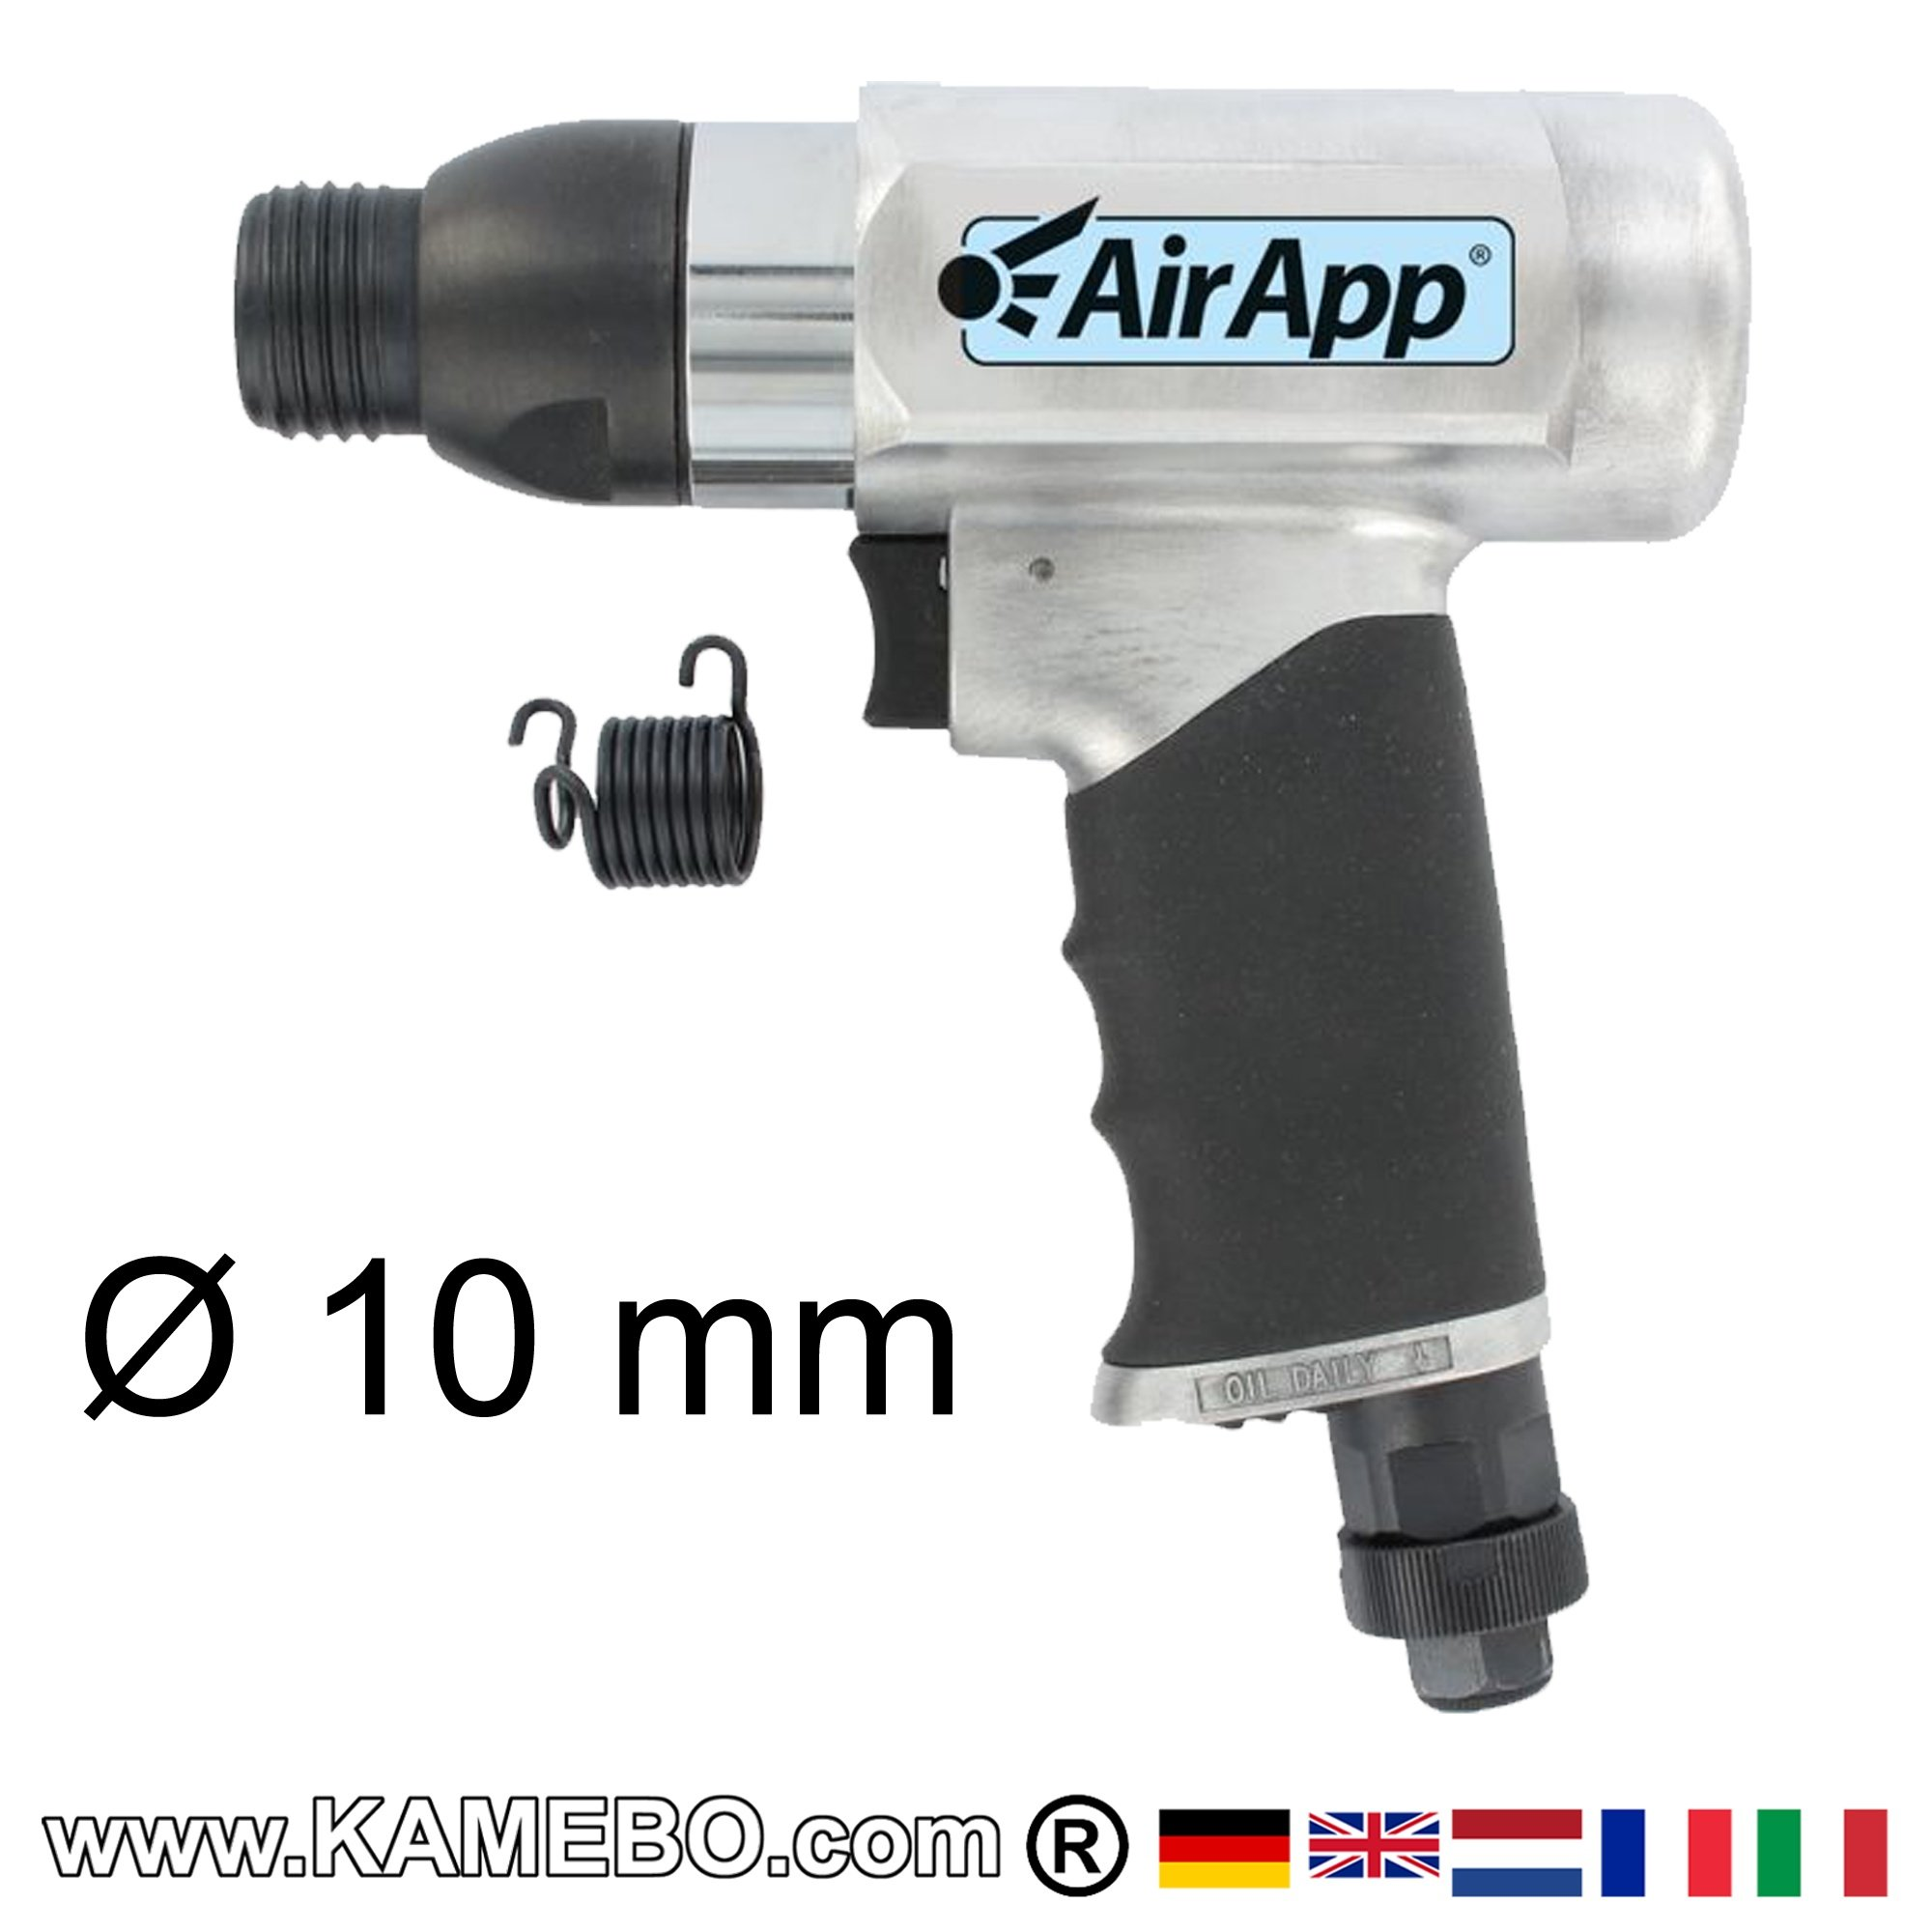 Airapp marteau burineur pneumatique gh2 10r kamebo - Marteau burineur pneumatique ...